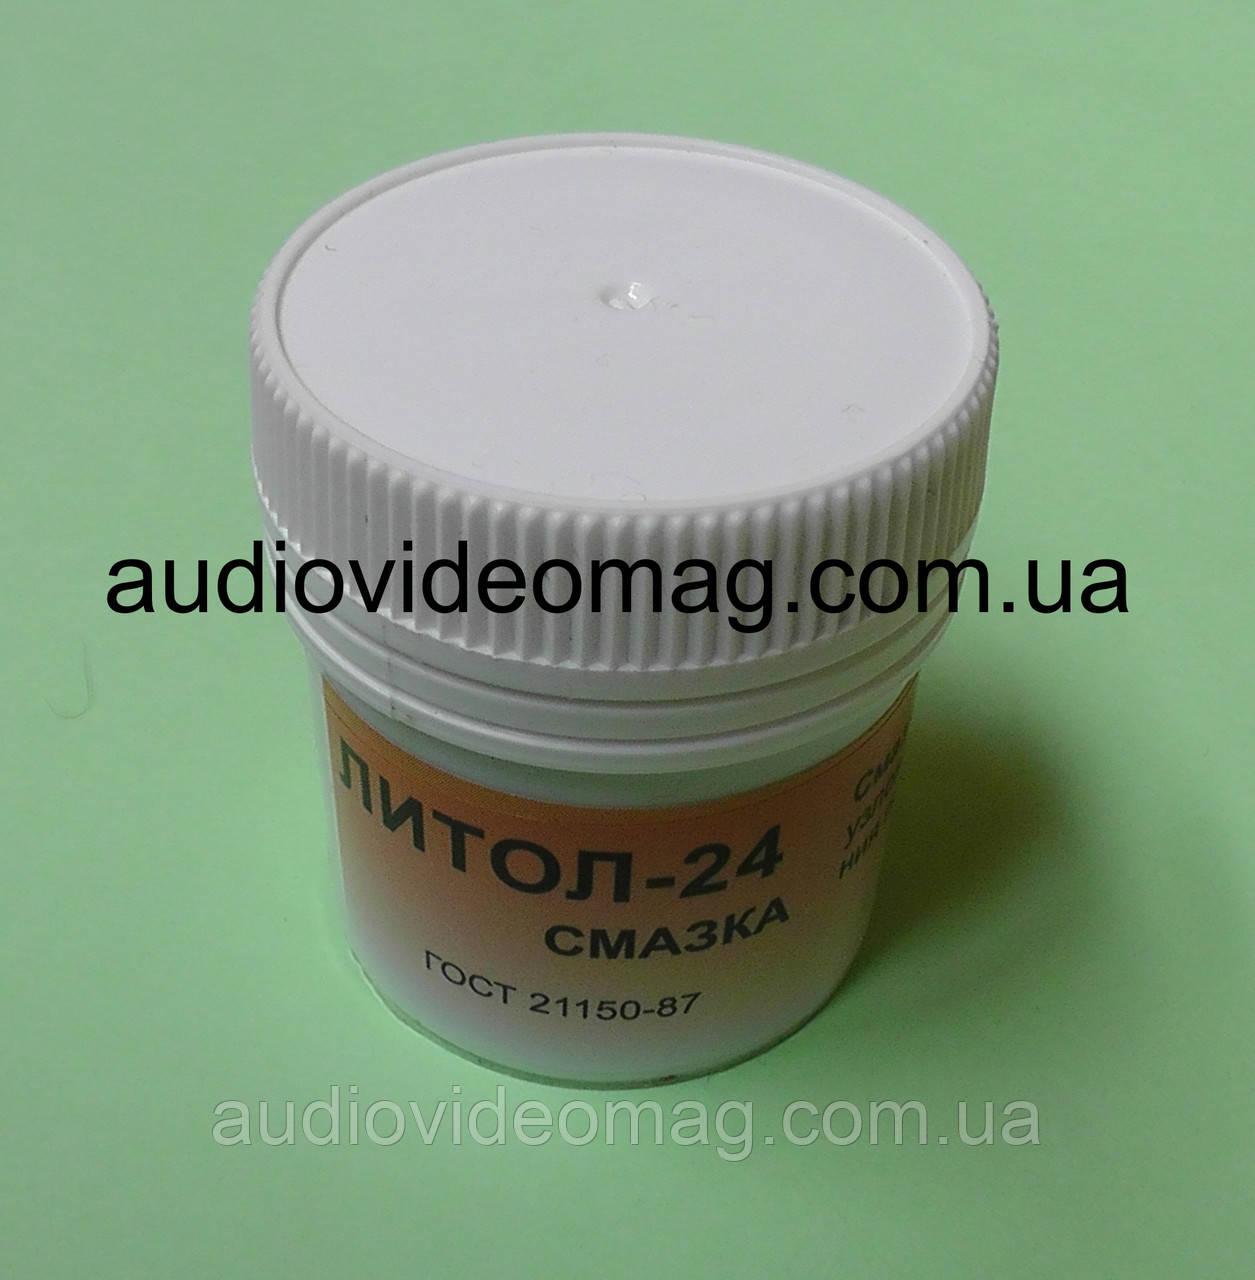 Смазка Литол-24, 35 грамм